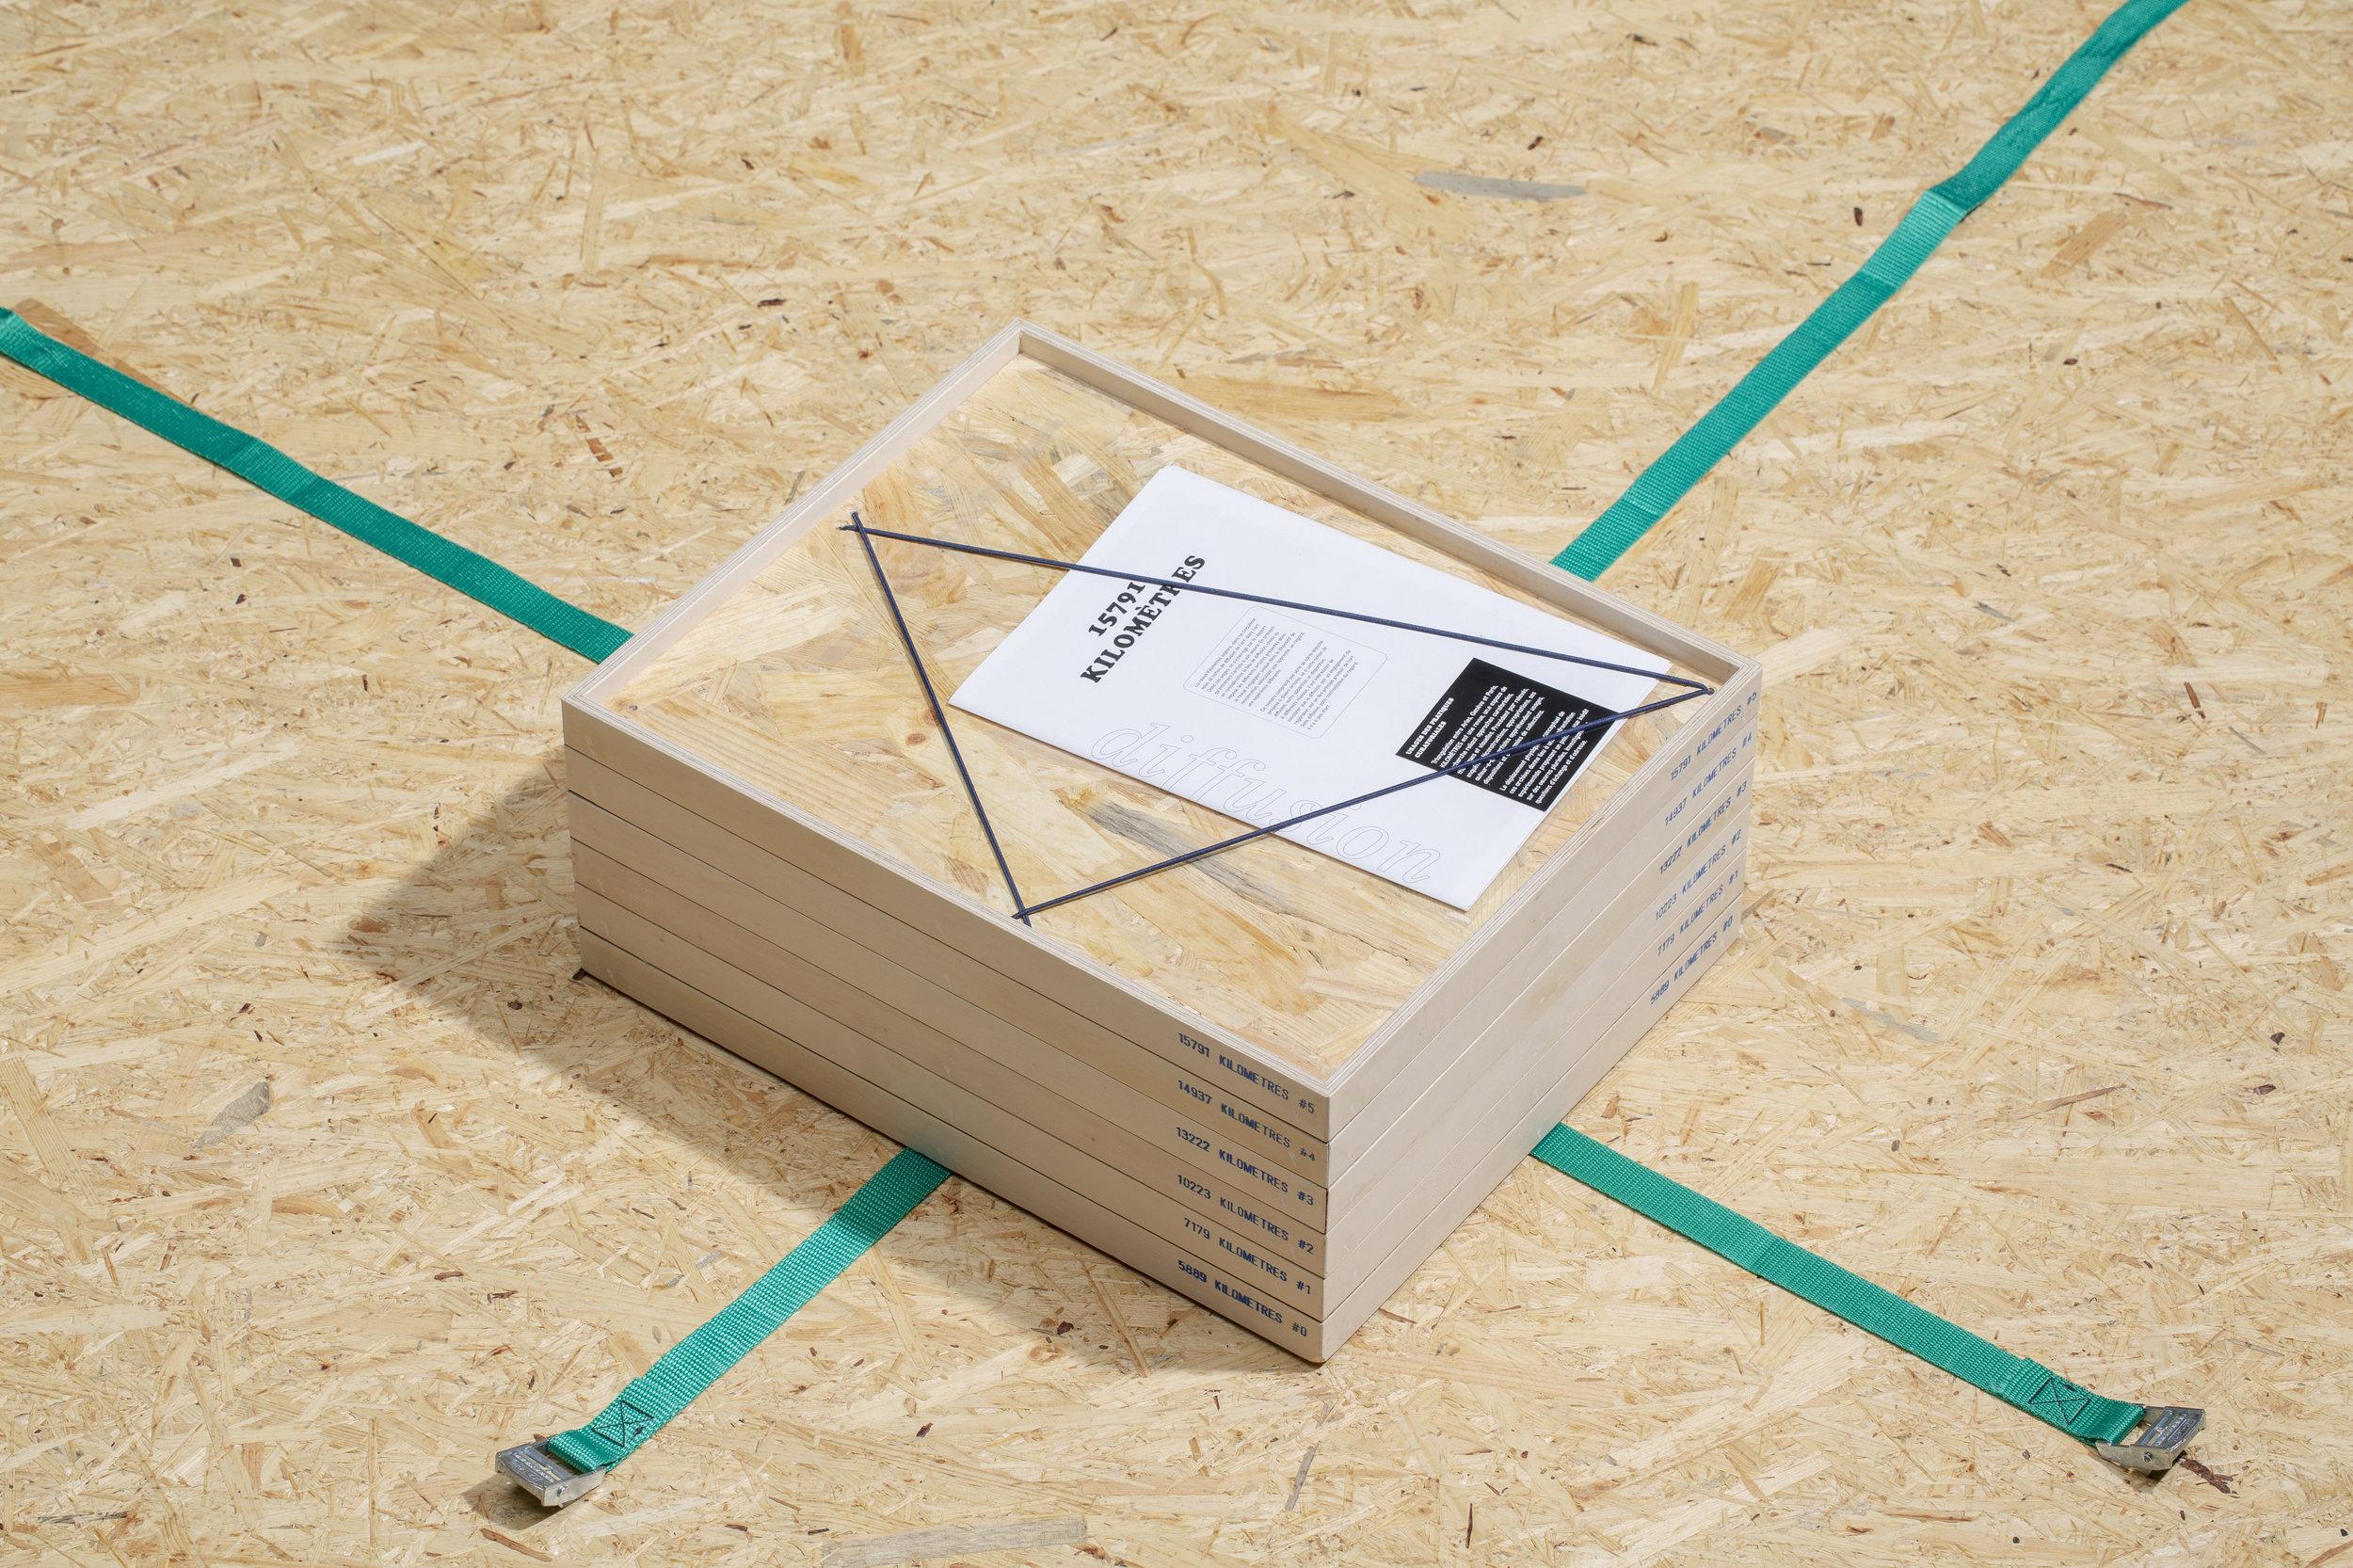 Revue Kilomètres - ENSP Arles x HEAD Genève Photo credit: HEAD-Baptiste Coulon Box design: Dieudonné Cartier